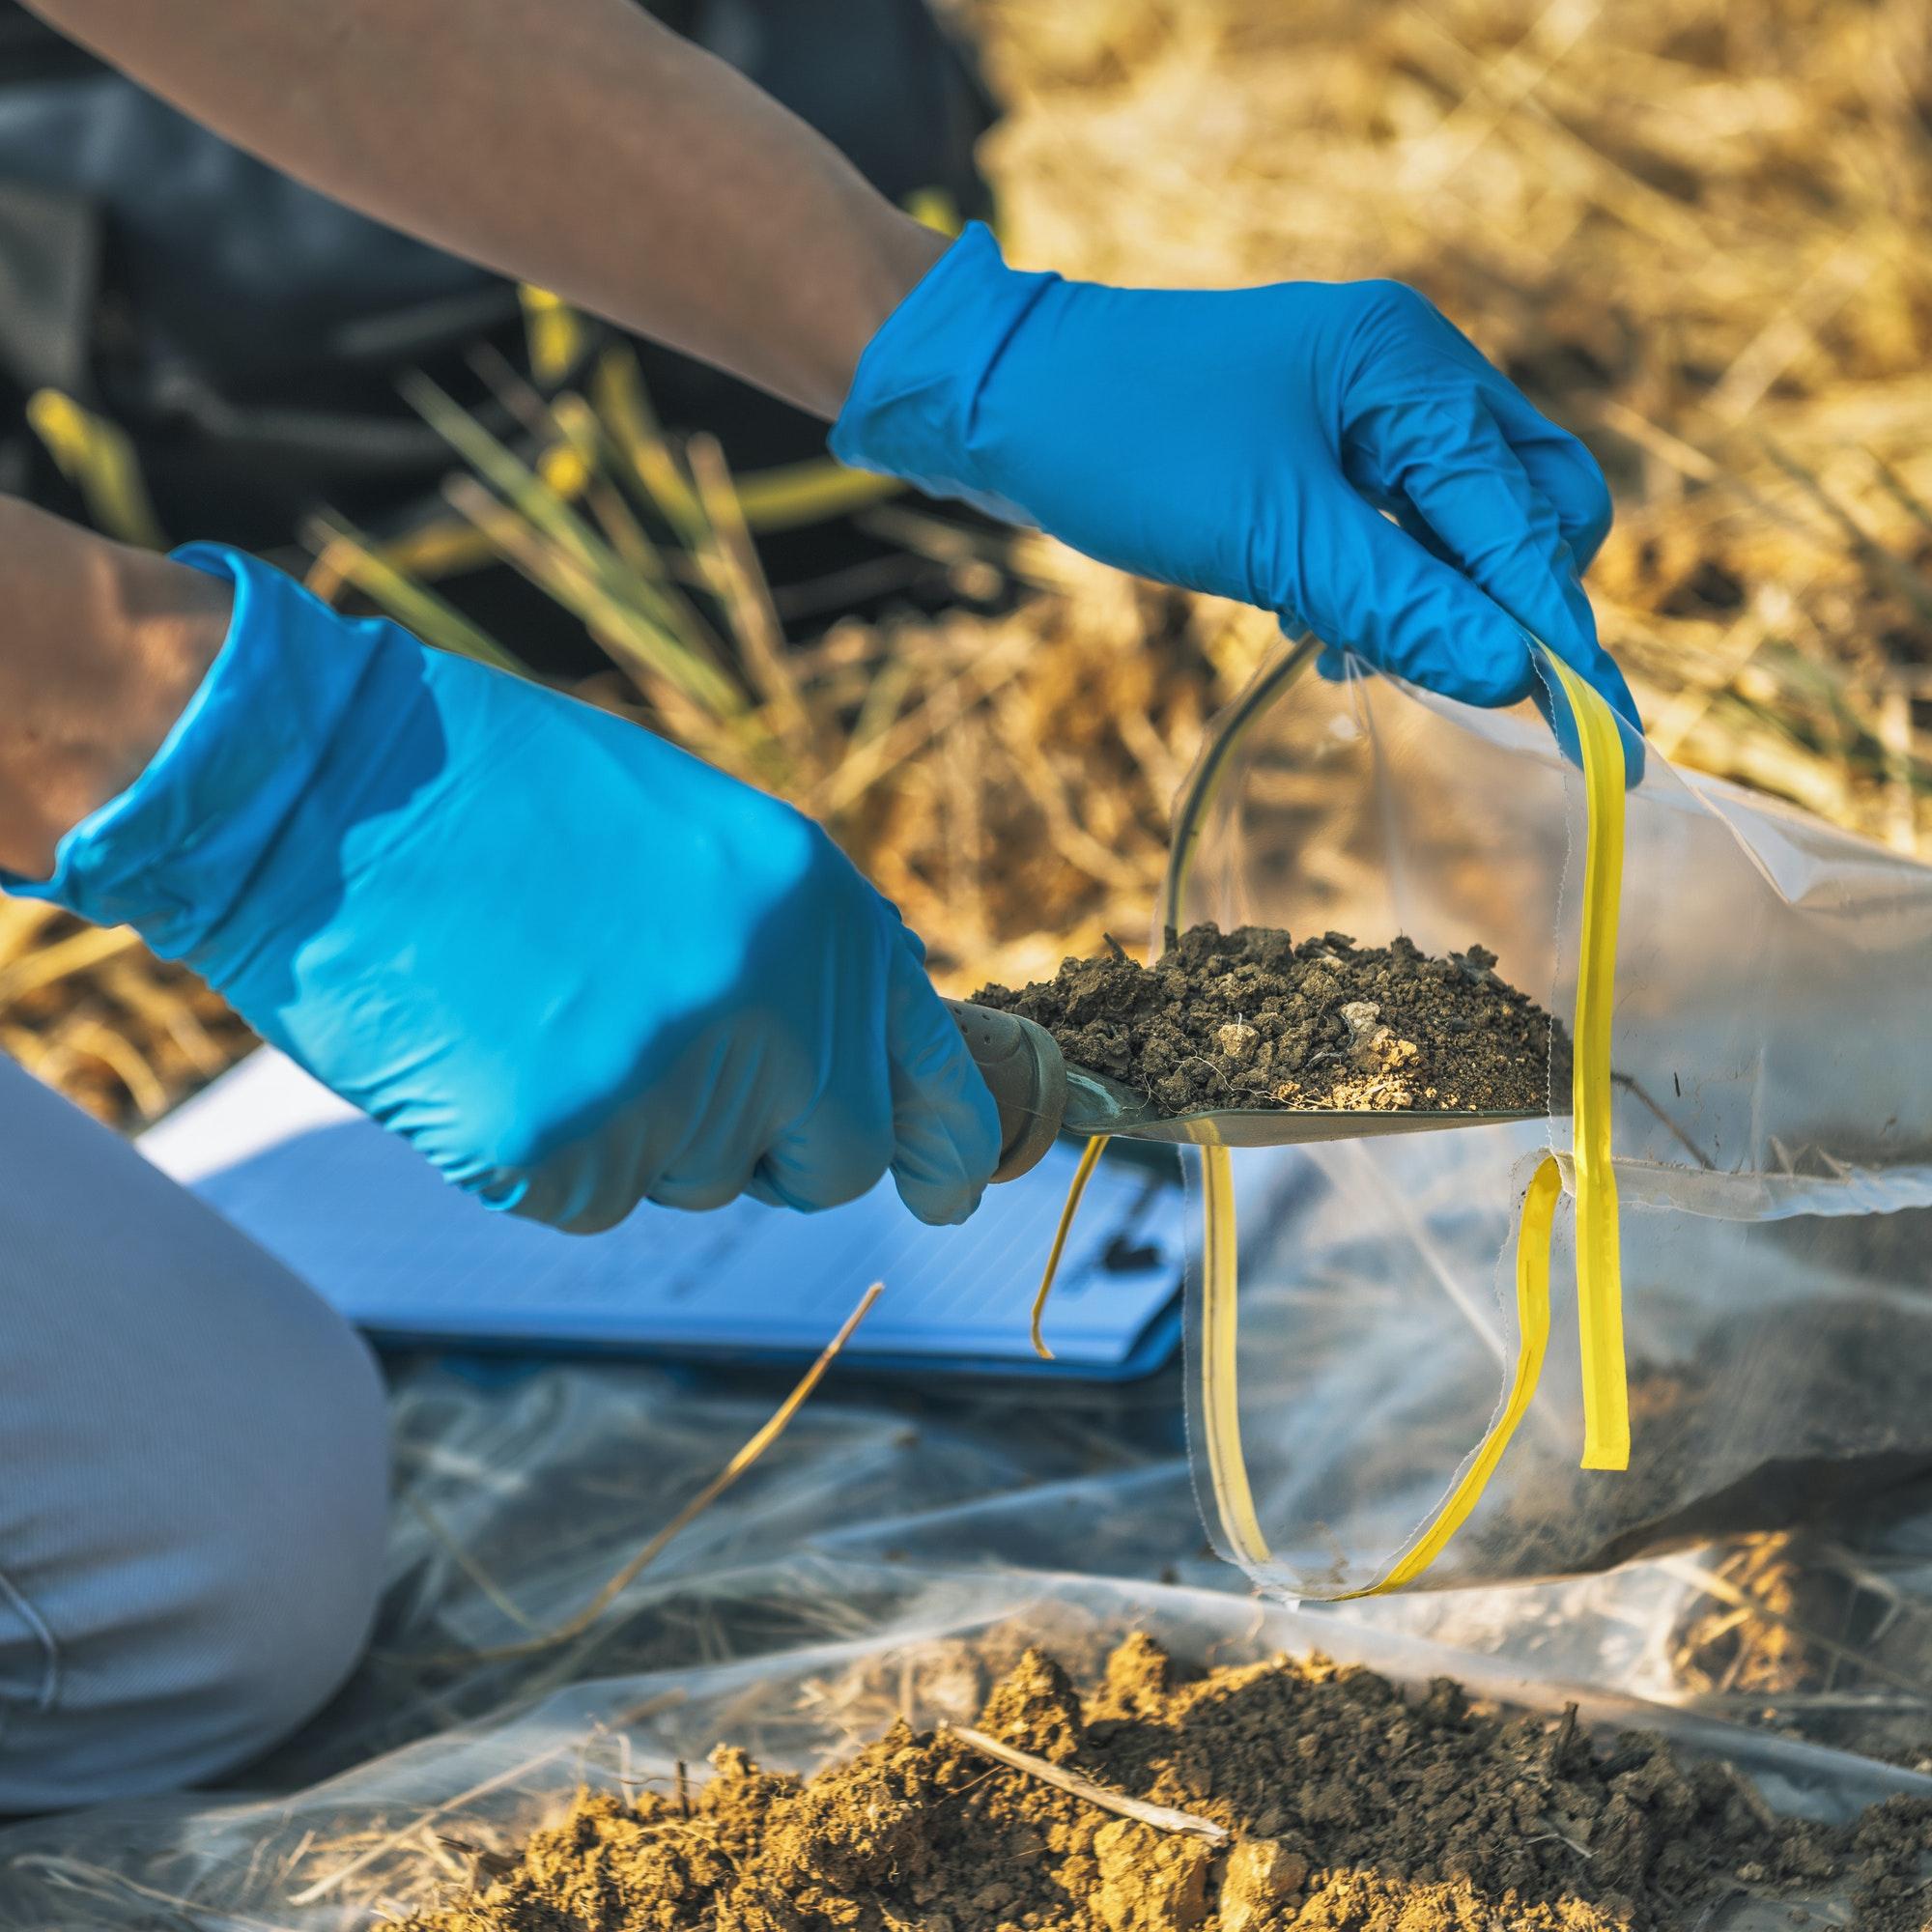 Soil Testing. Agronomy Inspector Taking Soil Sample